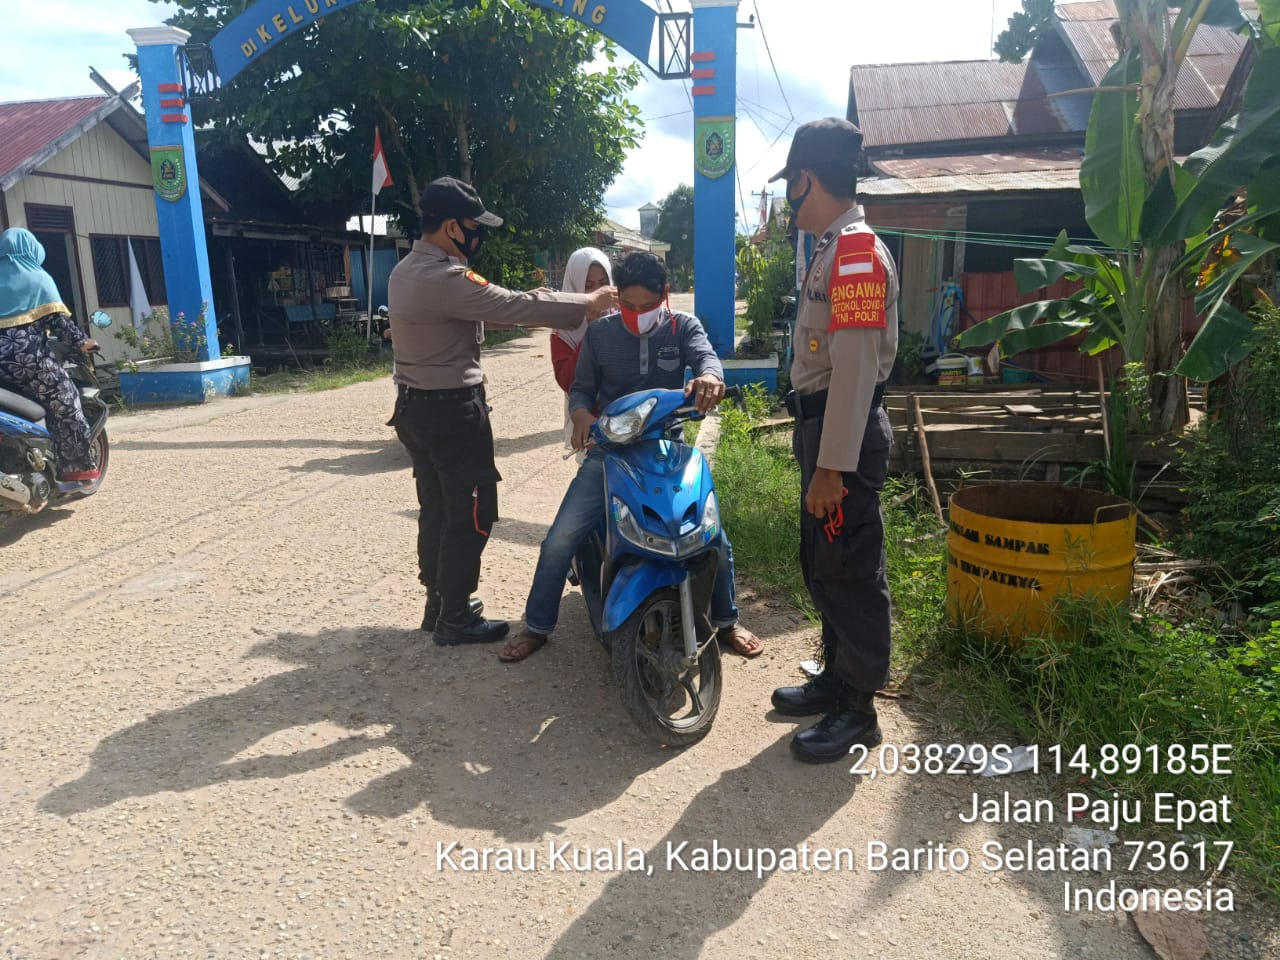 Melalui Gebrak Masker, Personel Polsek Karau Kuala Bagikan Masker dan Ajak Masyarakat Disiplin